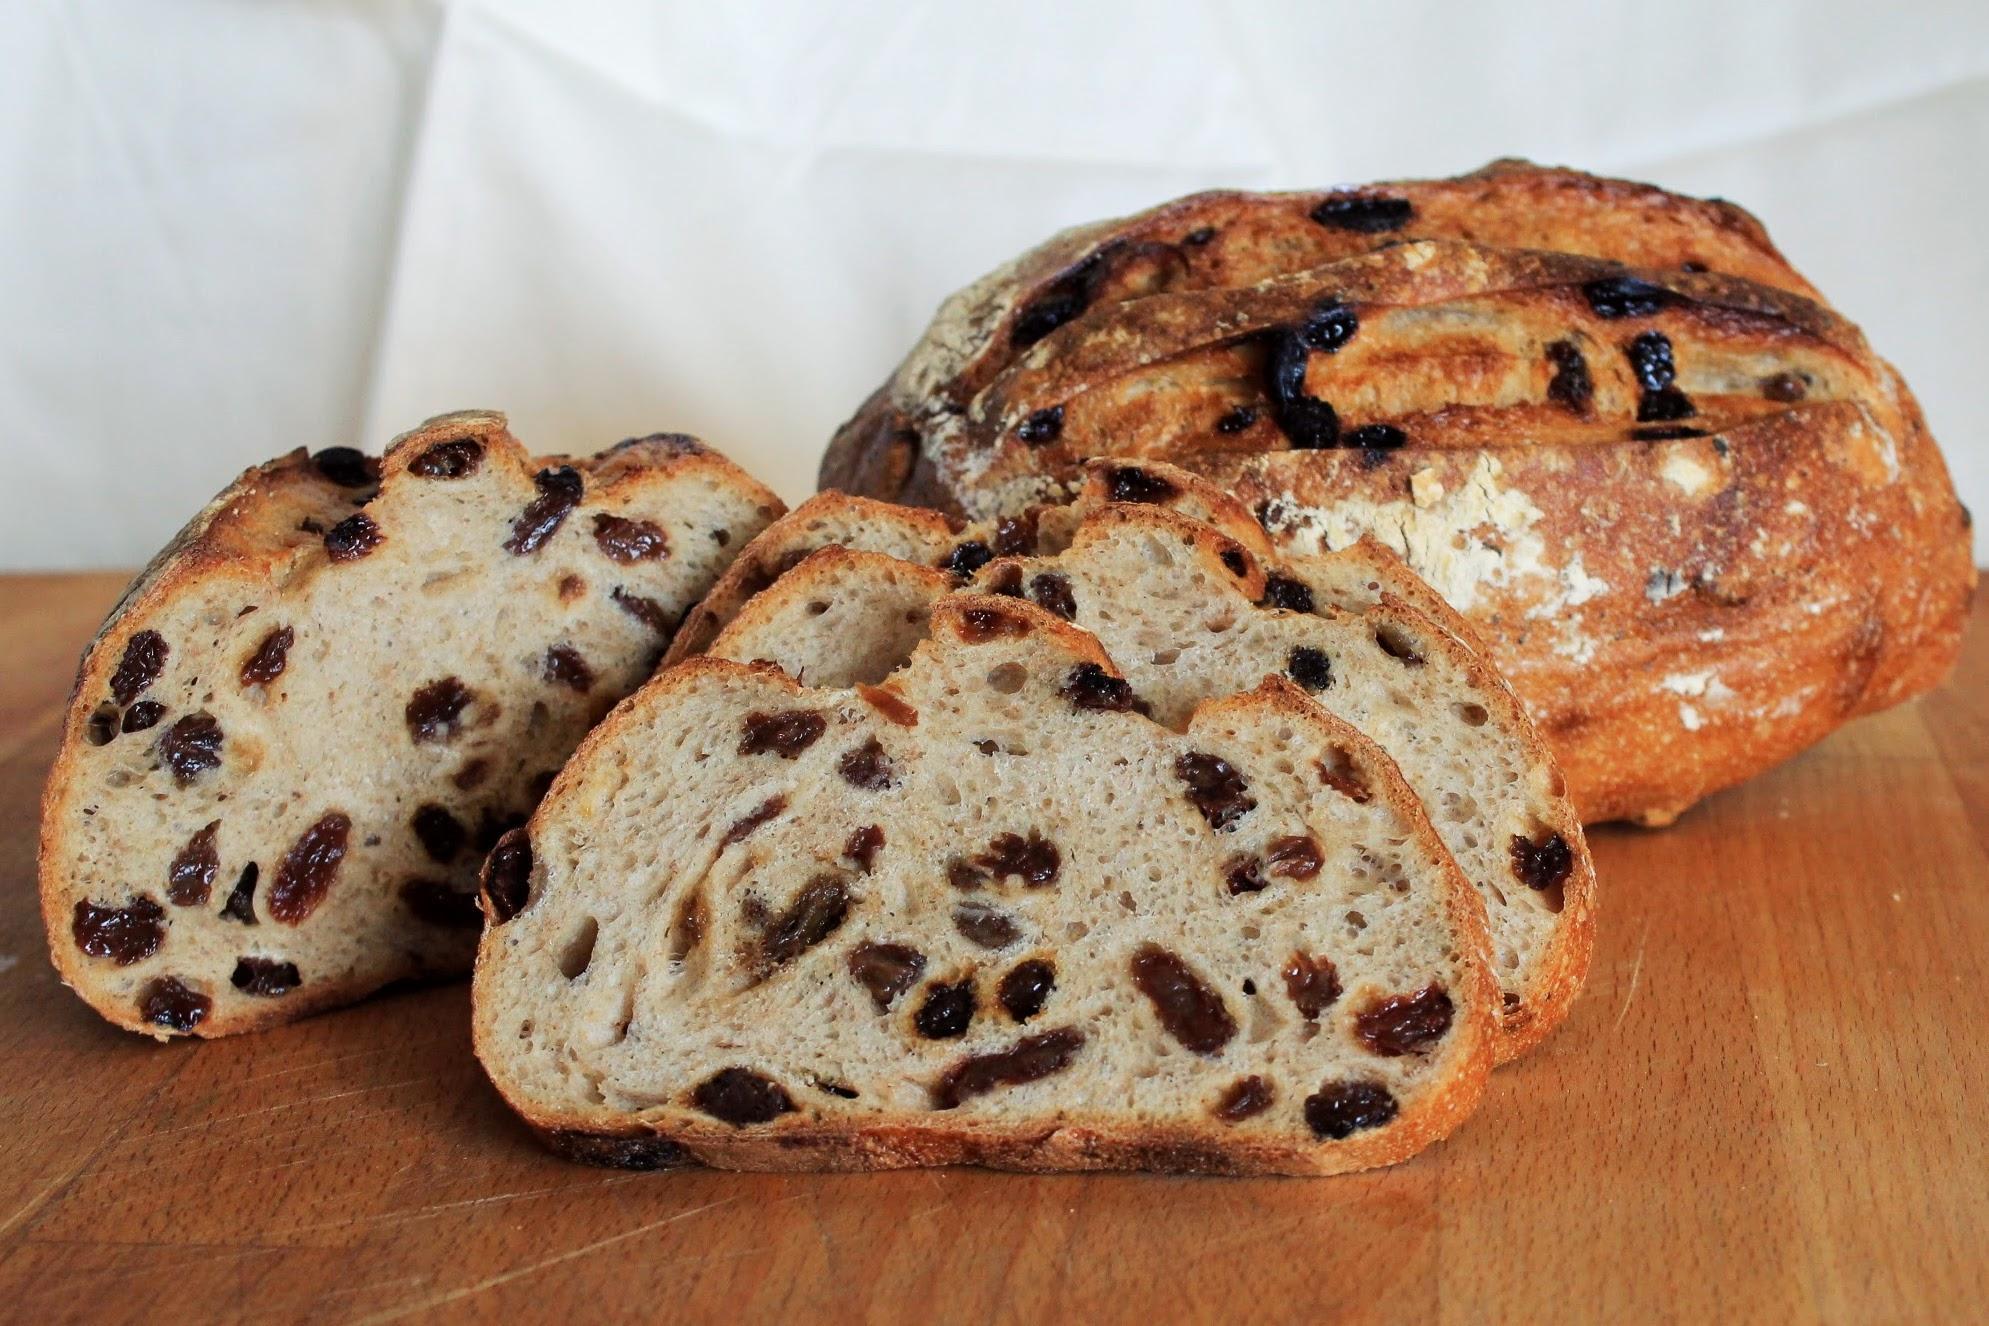 Corktown Cinnamon Raisin Bread at Avalon Bakery